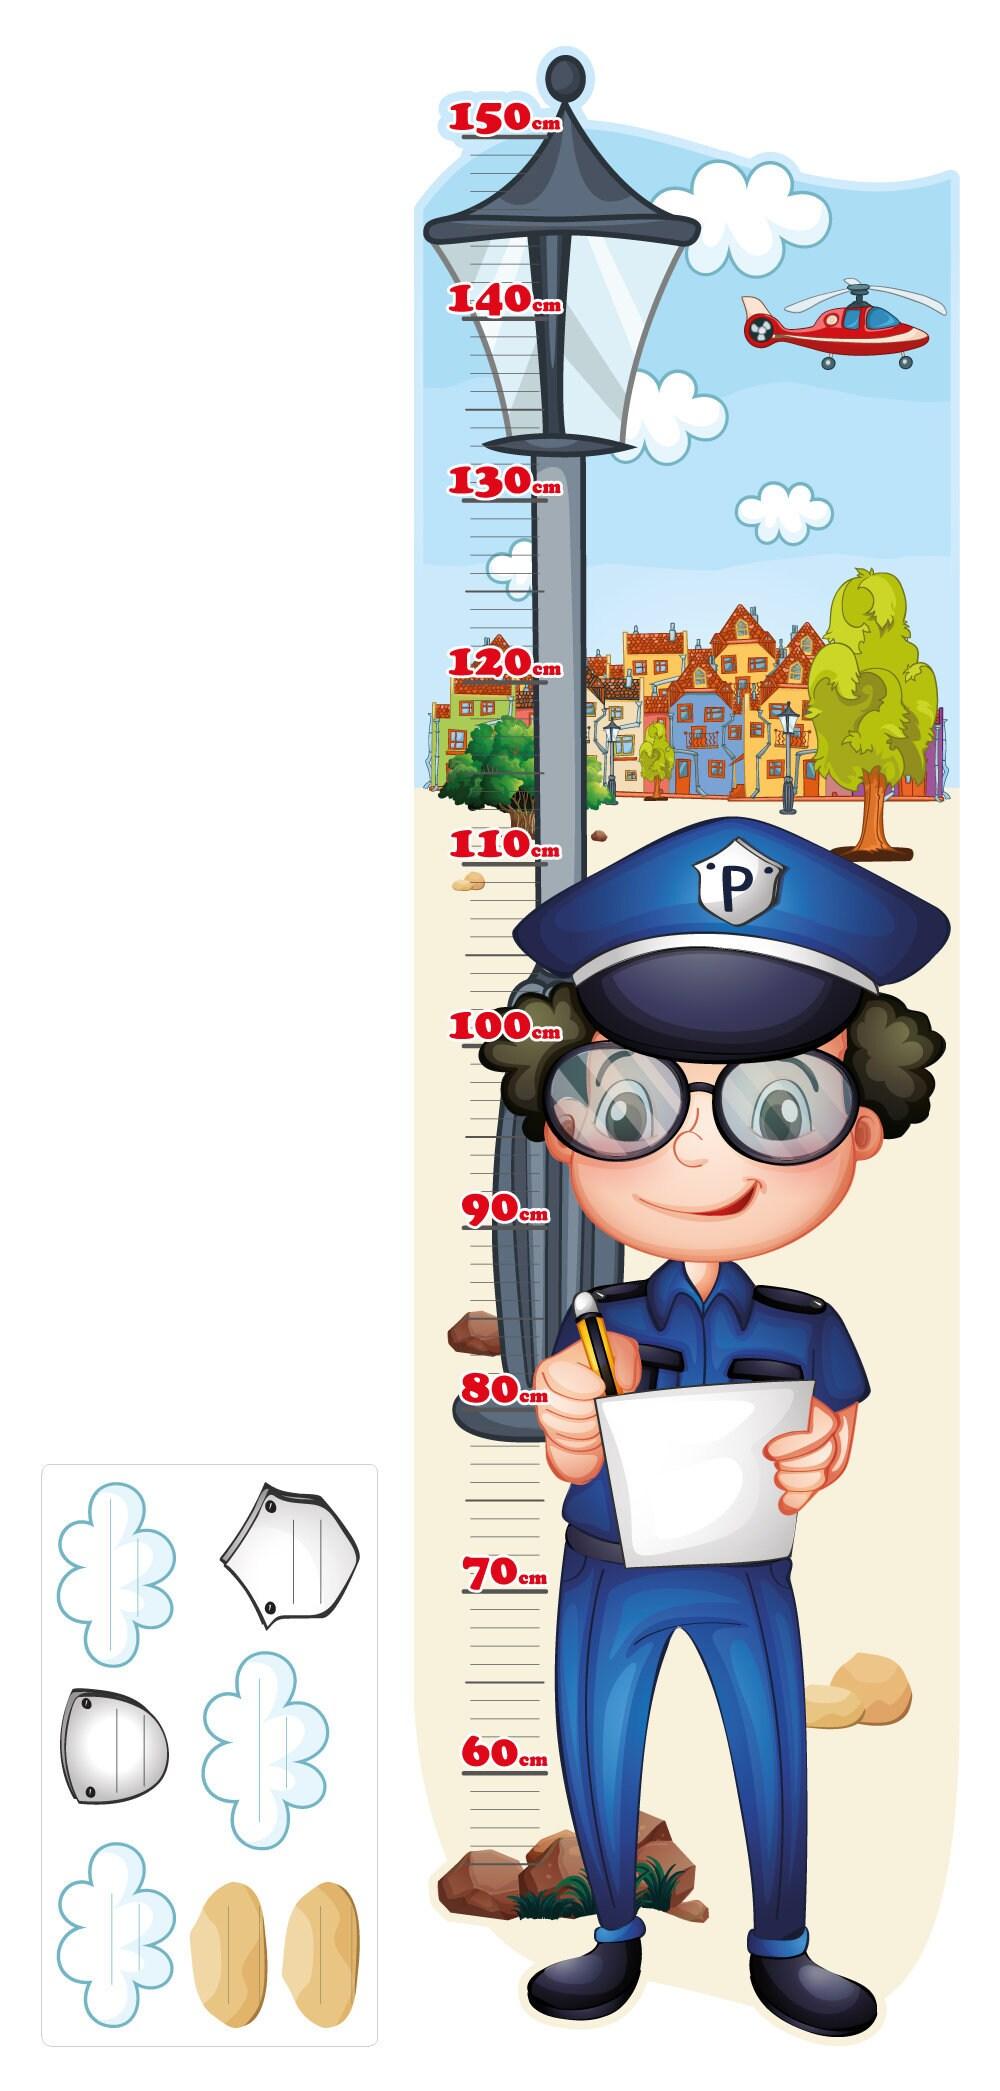 Wandtattoo Kinderzimmer Messlatte Polizei, Messlatte Kinderzimmer,  Messlatte Kinder